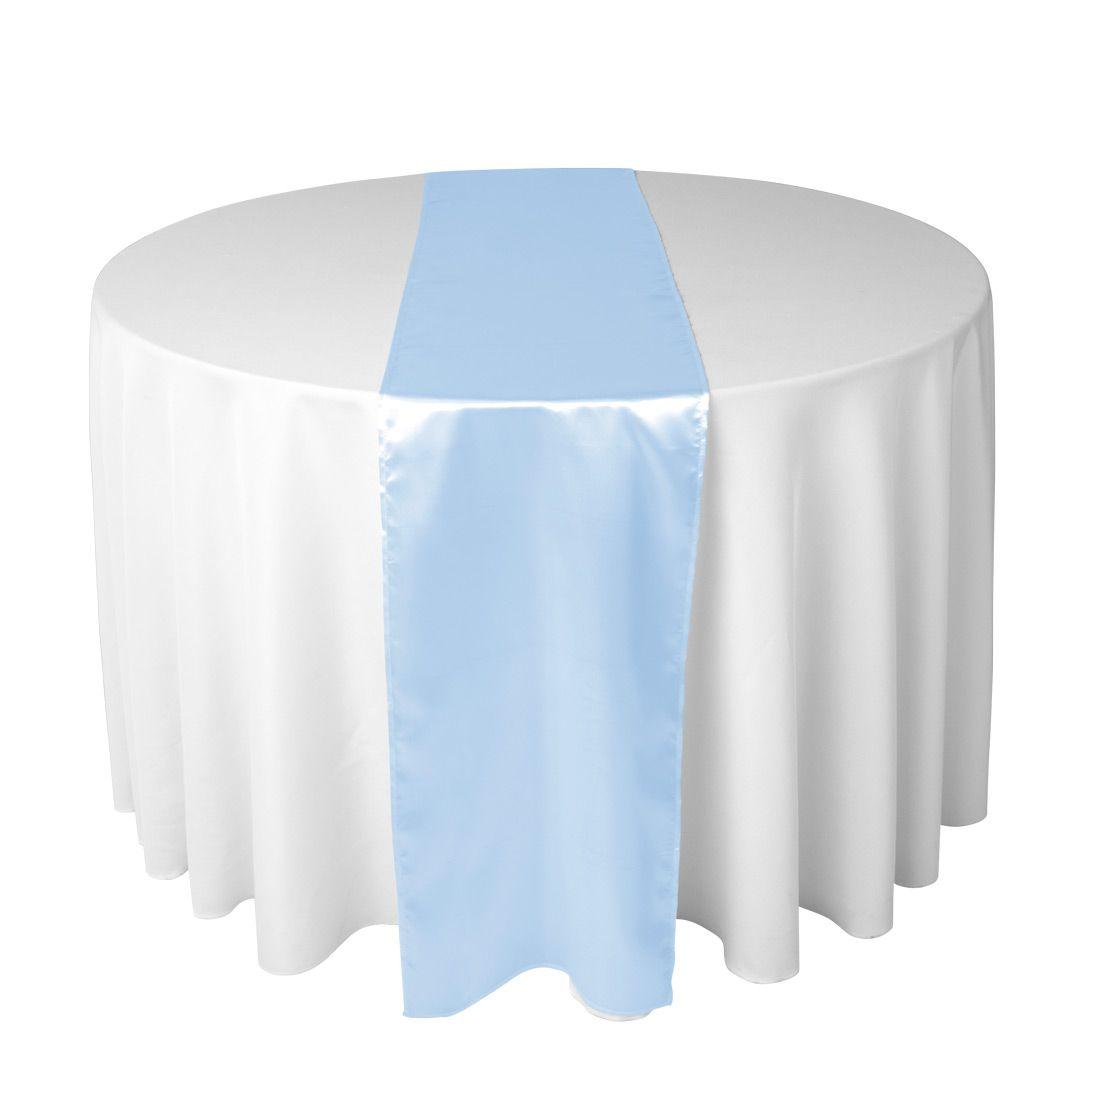 30 X 275 CM Light Blue Satin Table Runner For Wedding Reception or Shower